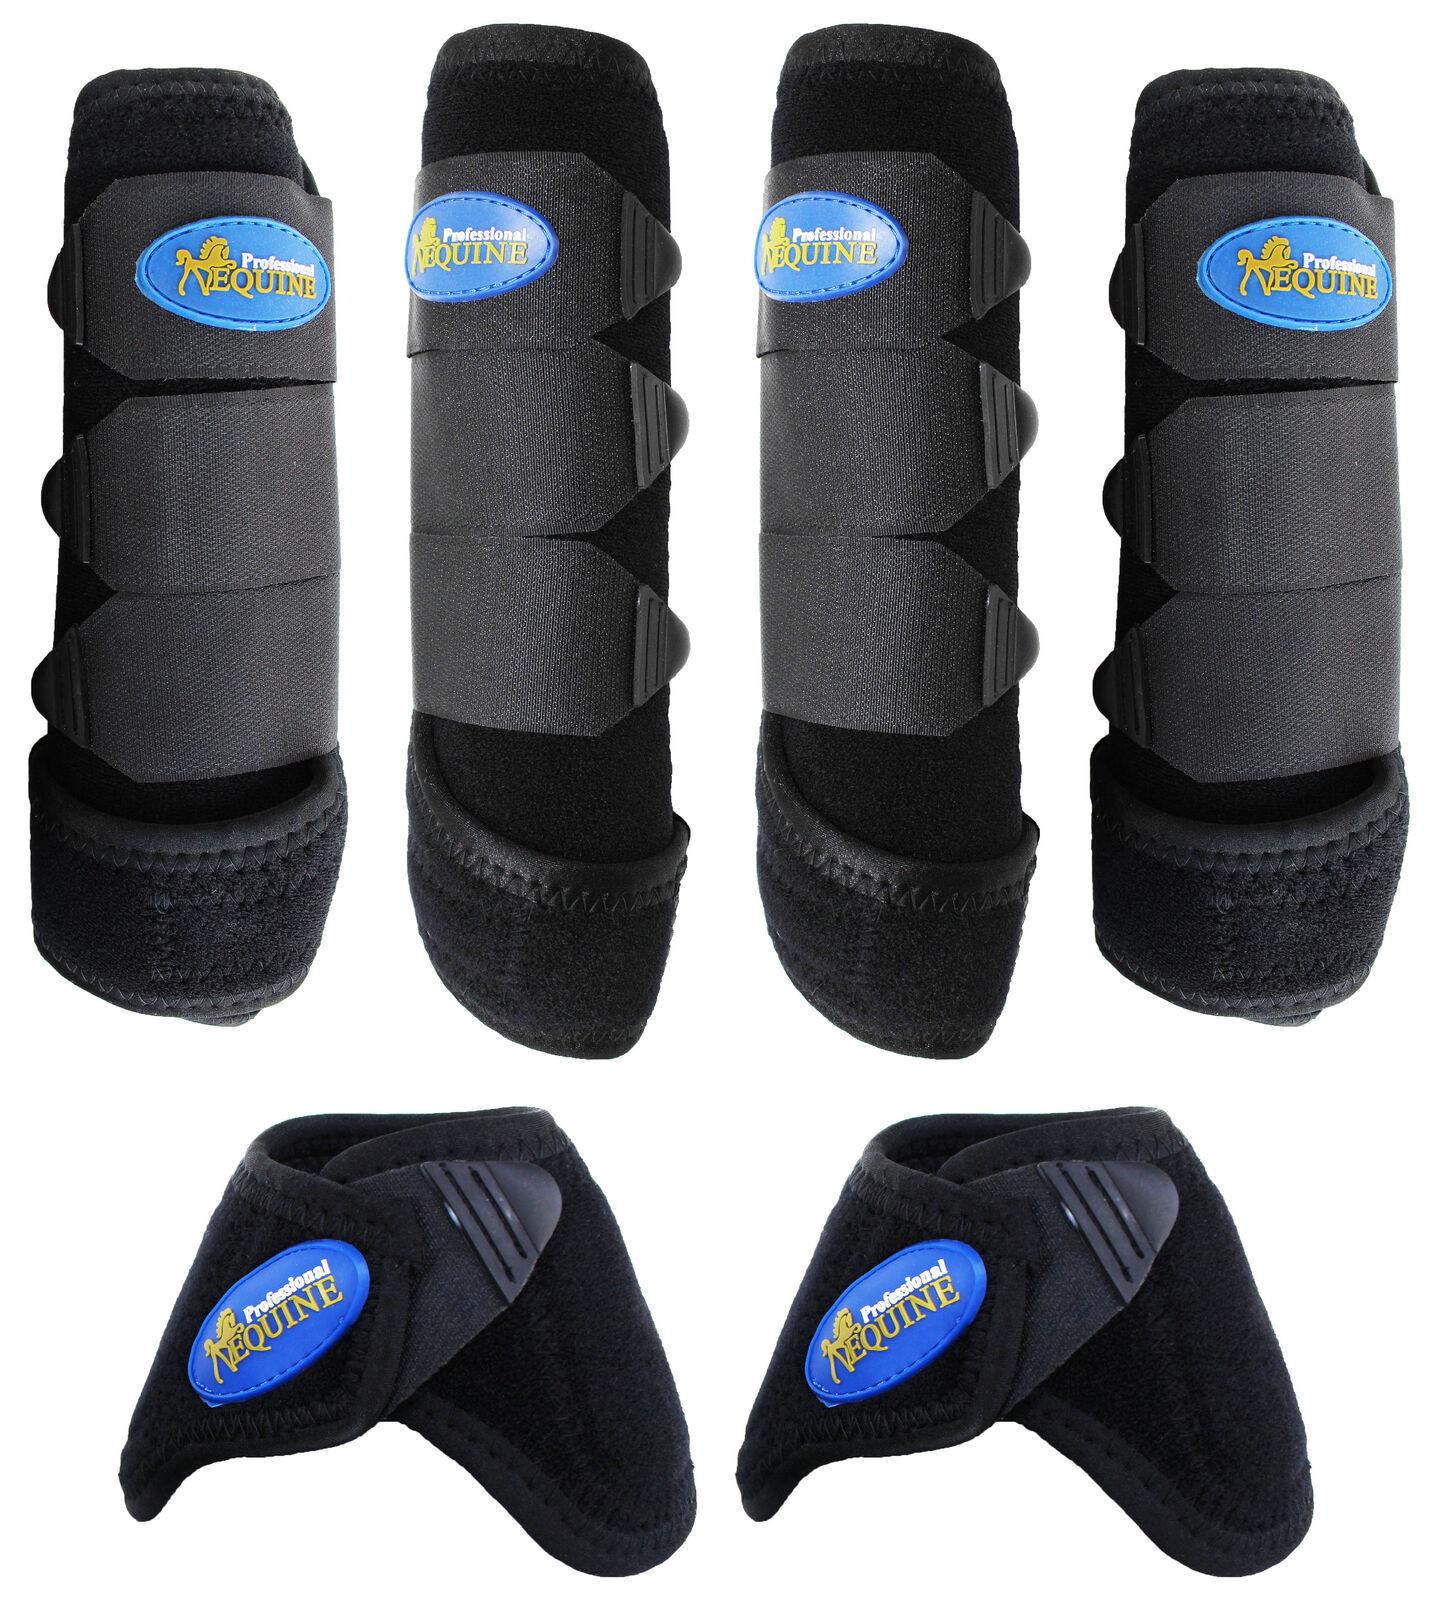 Férula de Caballo Equino Profesional Medicina Deportiva botas & Bell botas Combo 41BKD